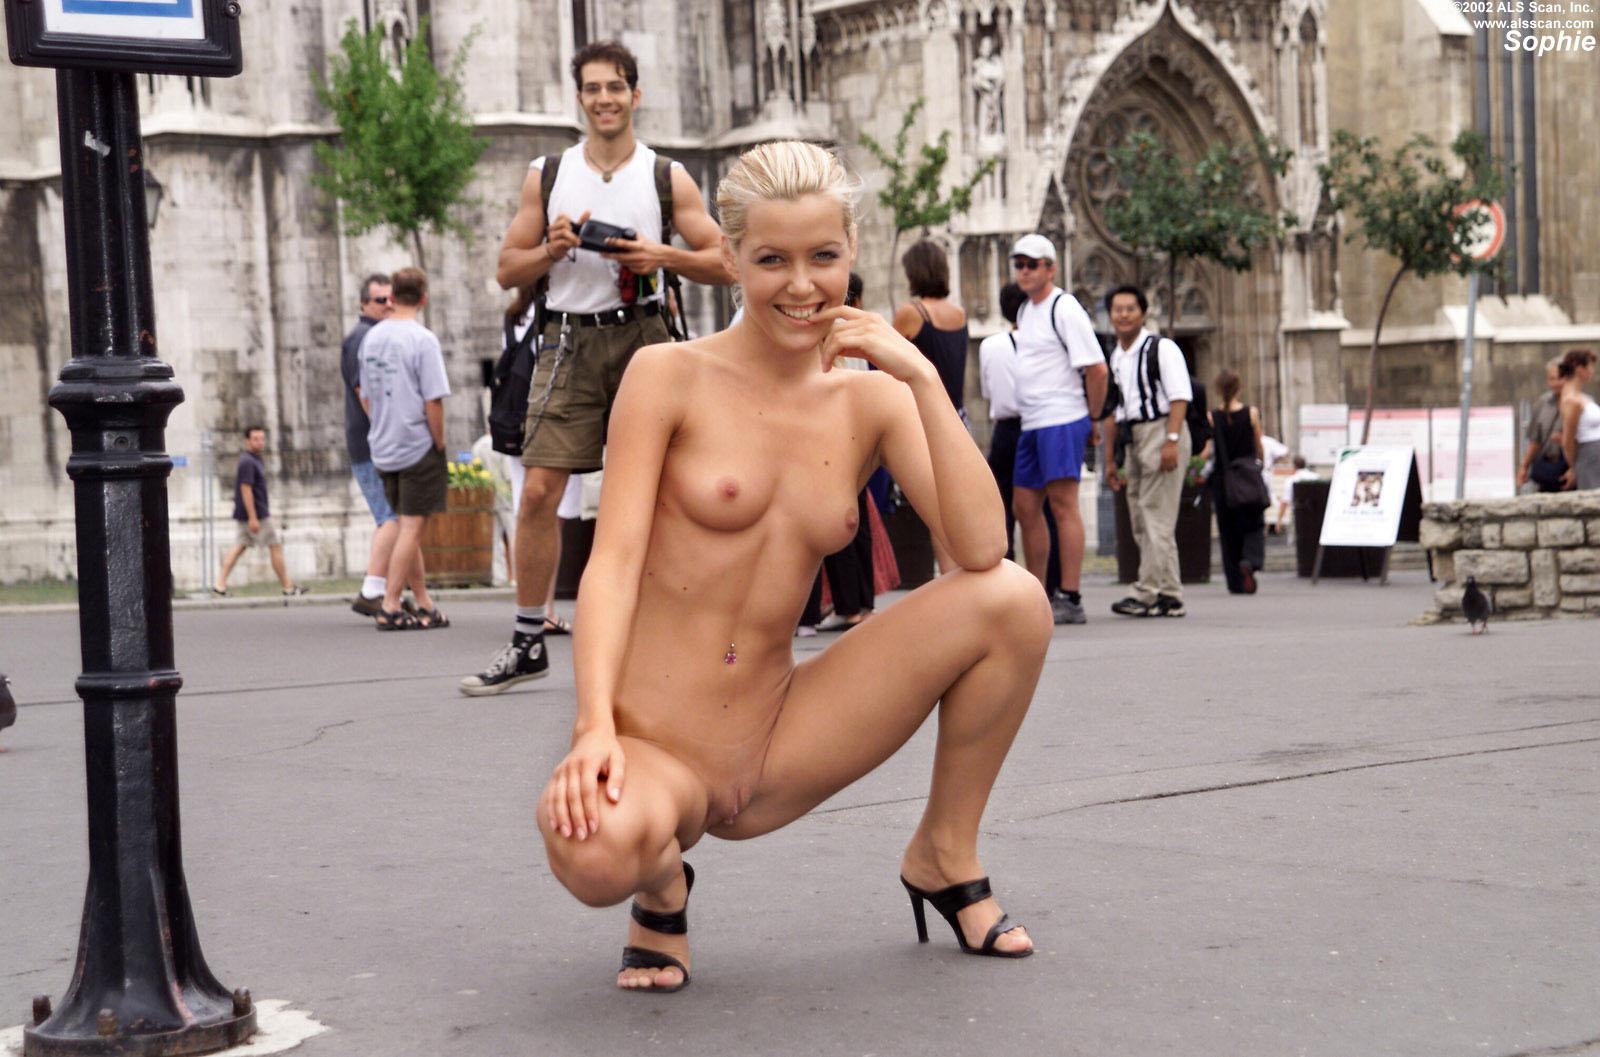 Смотреть порно эксбиционисты дрочут на публике 24 фотография